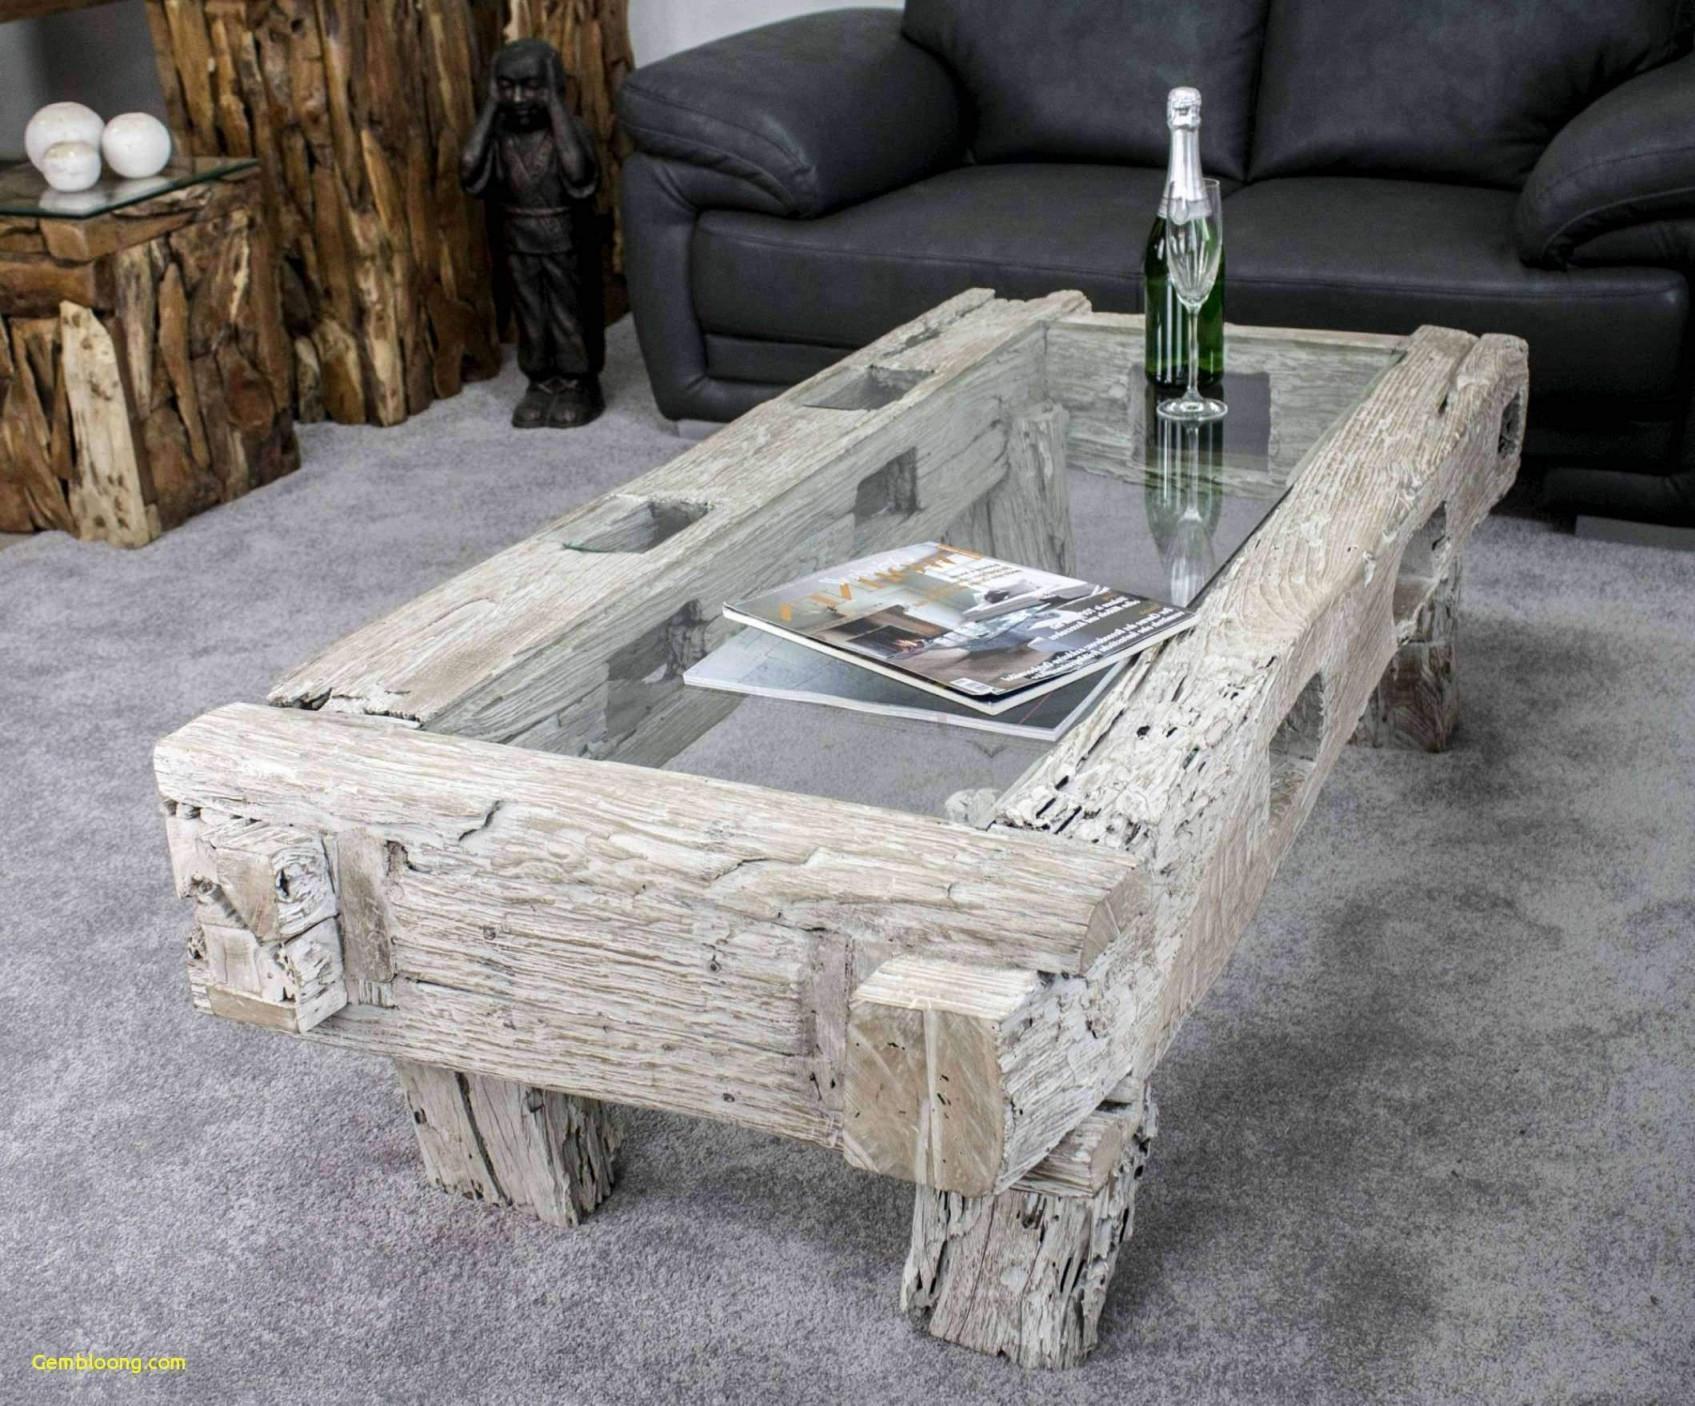 Wohnzimmer Glastisch Schön Wohnzimmertisch Deko Ideen Das von Deko Für Wohnzimmer Glastisch Bild